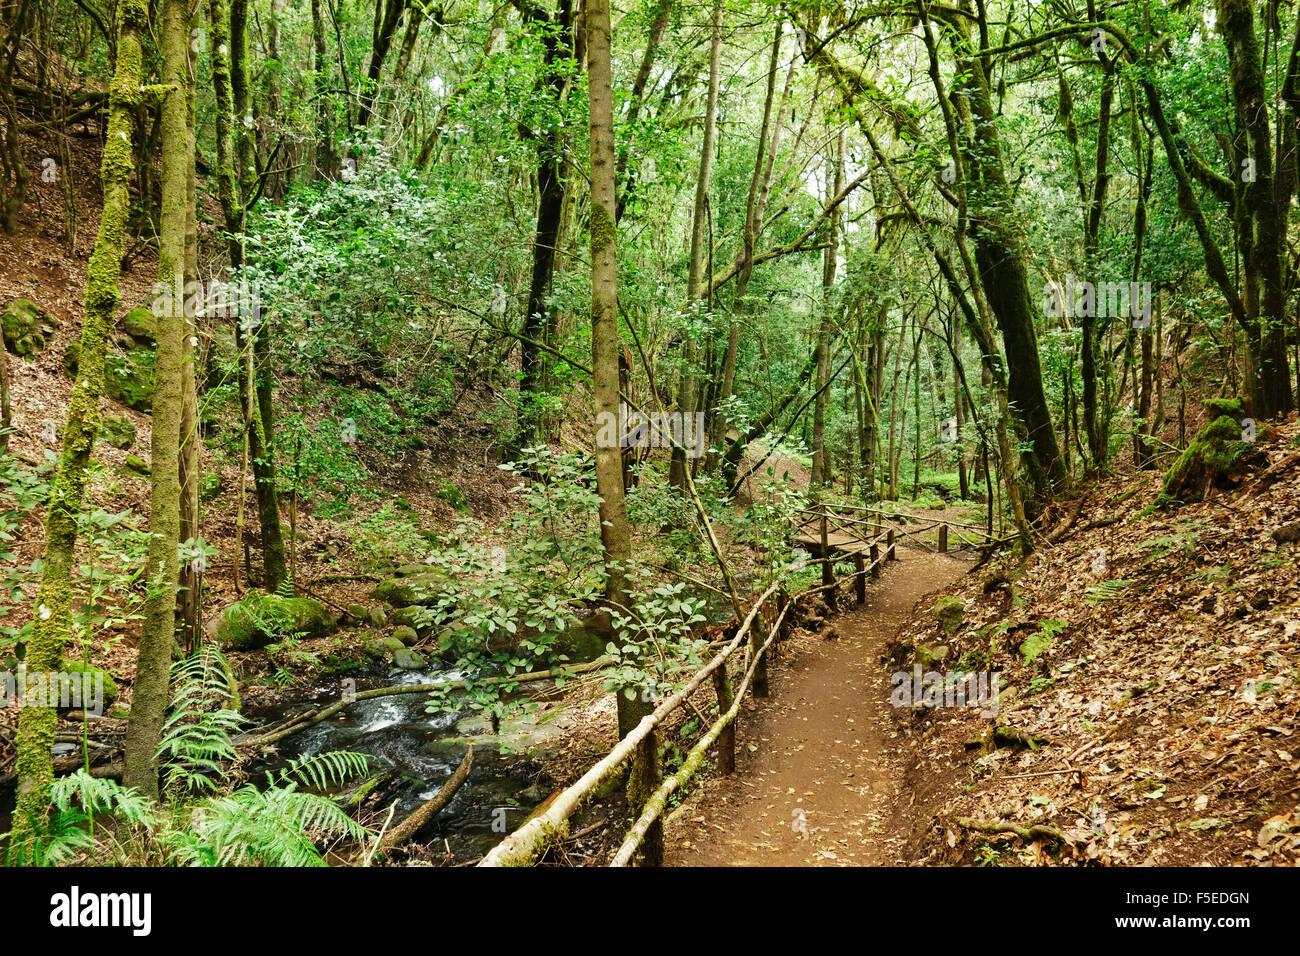 Lorbeerwald, Parque Nacional de Garajonay, UNESCO-Weltkulturerbe, La Gomera, Kanarische Inseln, Spanien, Europa Stockbild